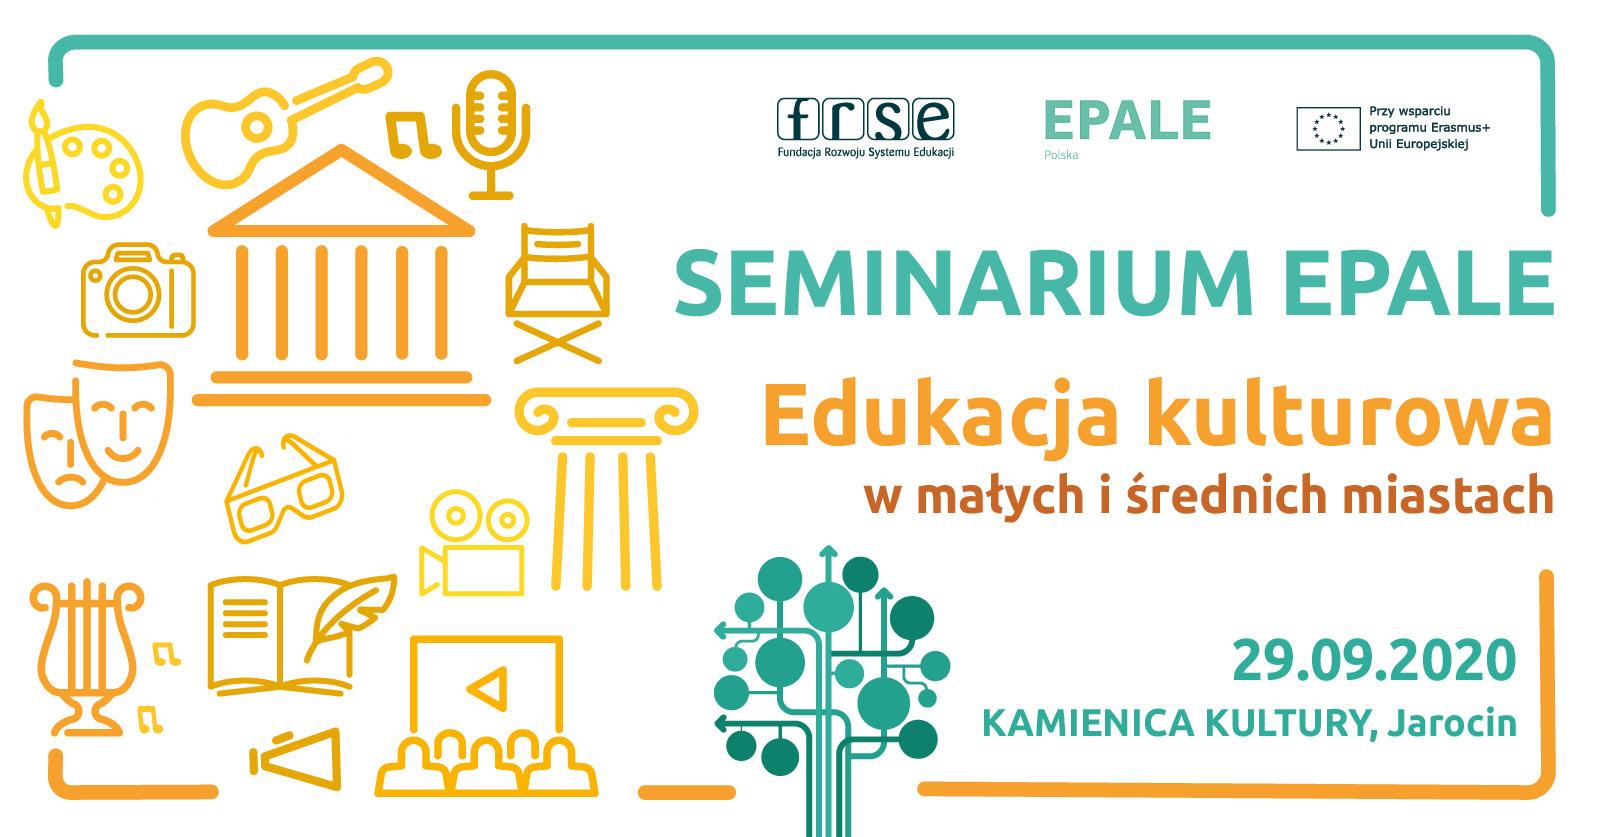 Seminarium EPALE: Edukacja kulturowa w małych i średnich miastach 29 września br. Polecamy! Zapraszamy!